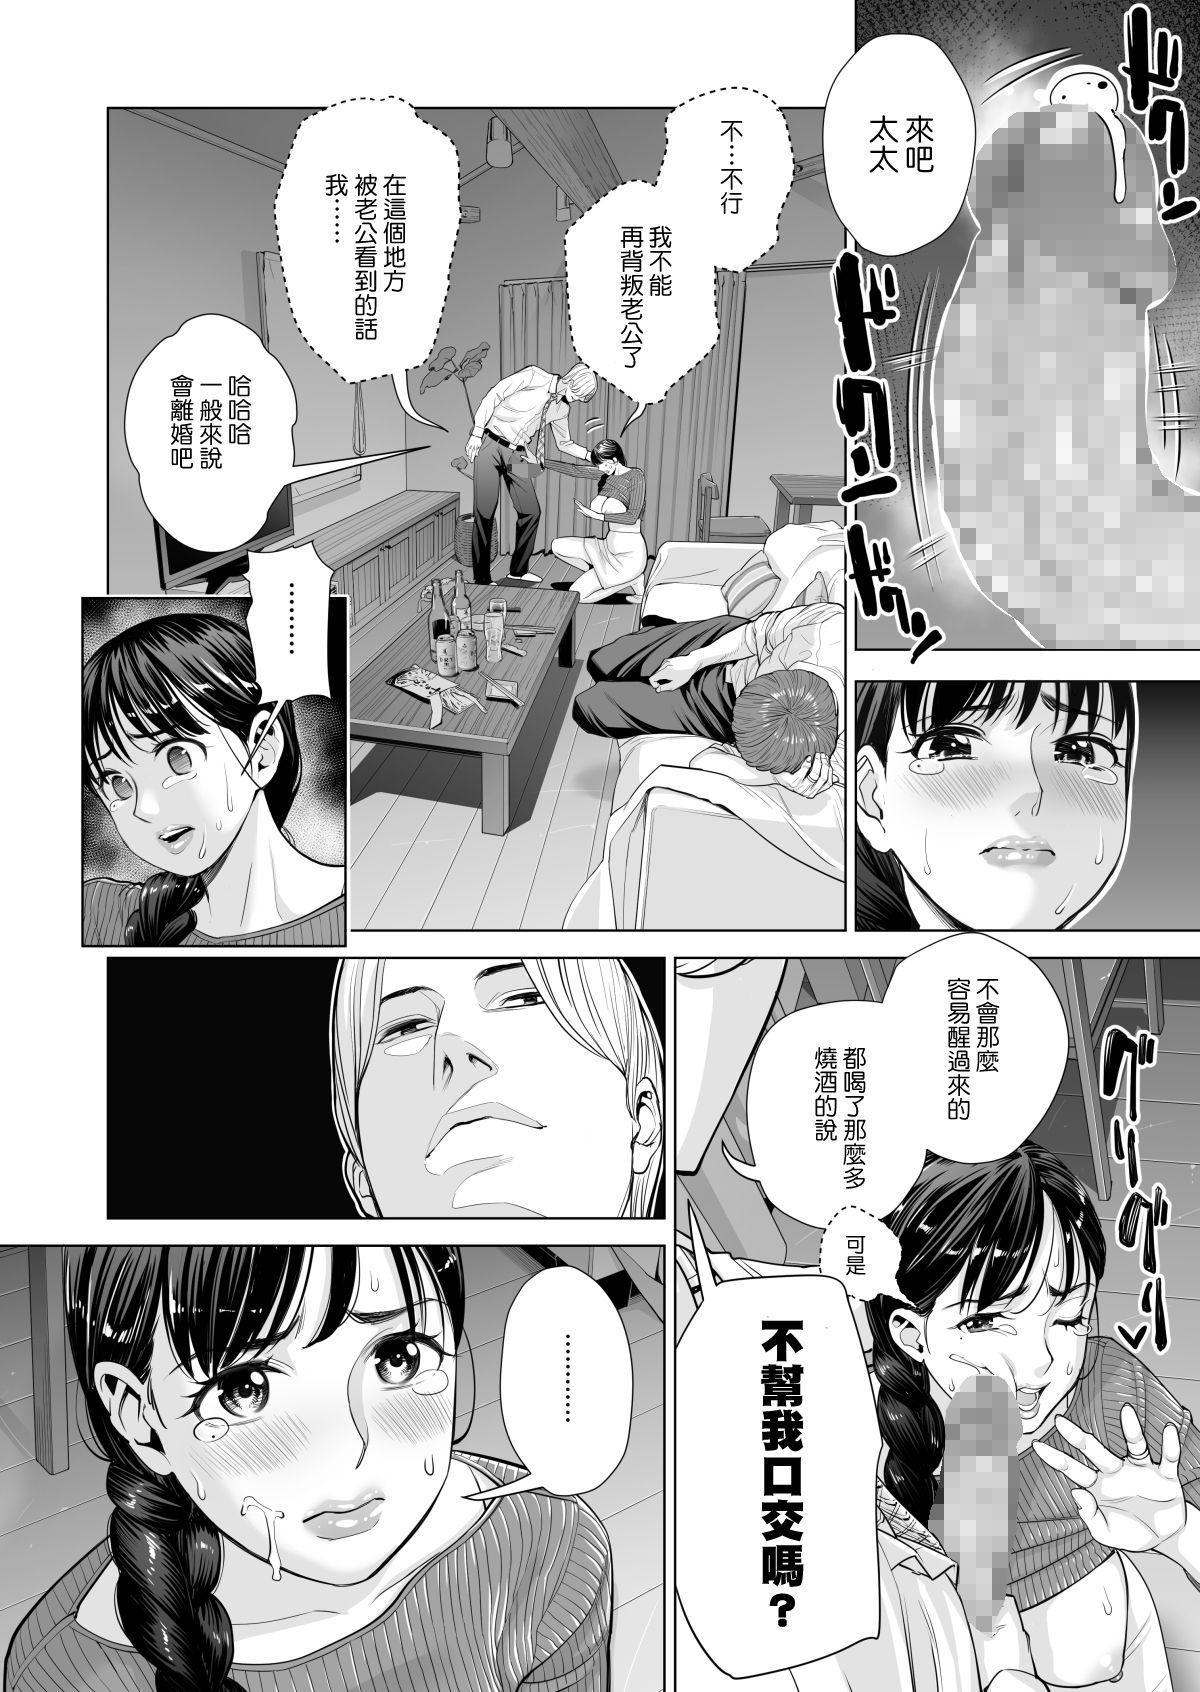 [HGT Lab (Tsusauto)] Tsukiyo no Midare Zake ~Hitozuma wa Yoitsubureta Otto no Soba de Douryou ni Netorareru~ Kouhen (CHINESE) 12